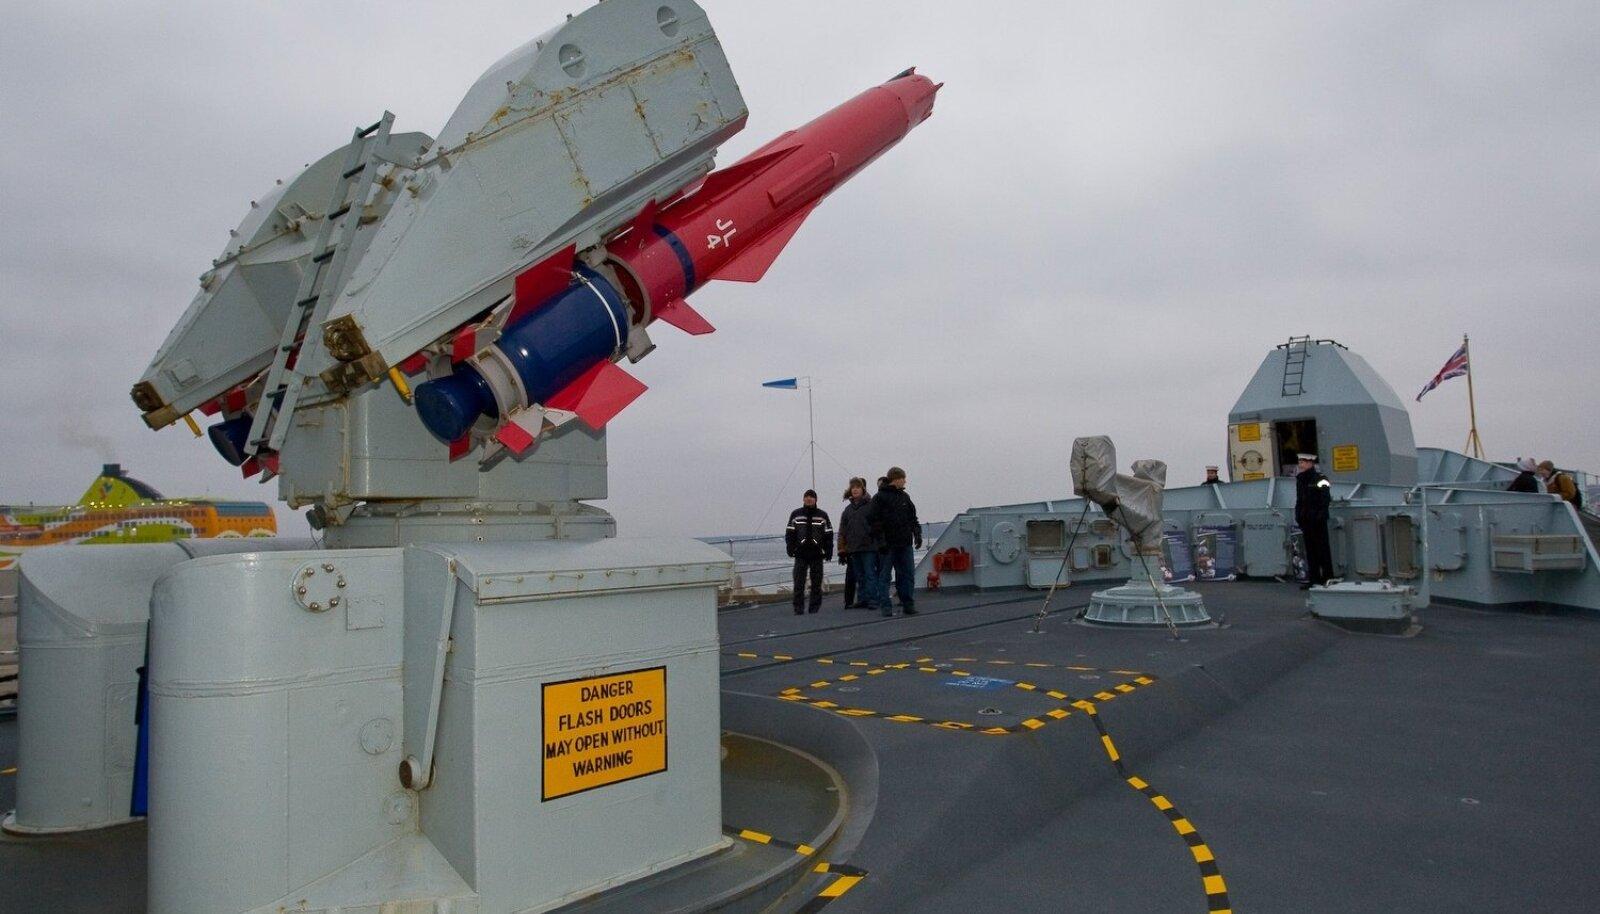 Radaritele tugineb ka liitlaste õhutõrje